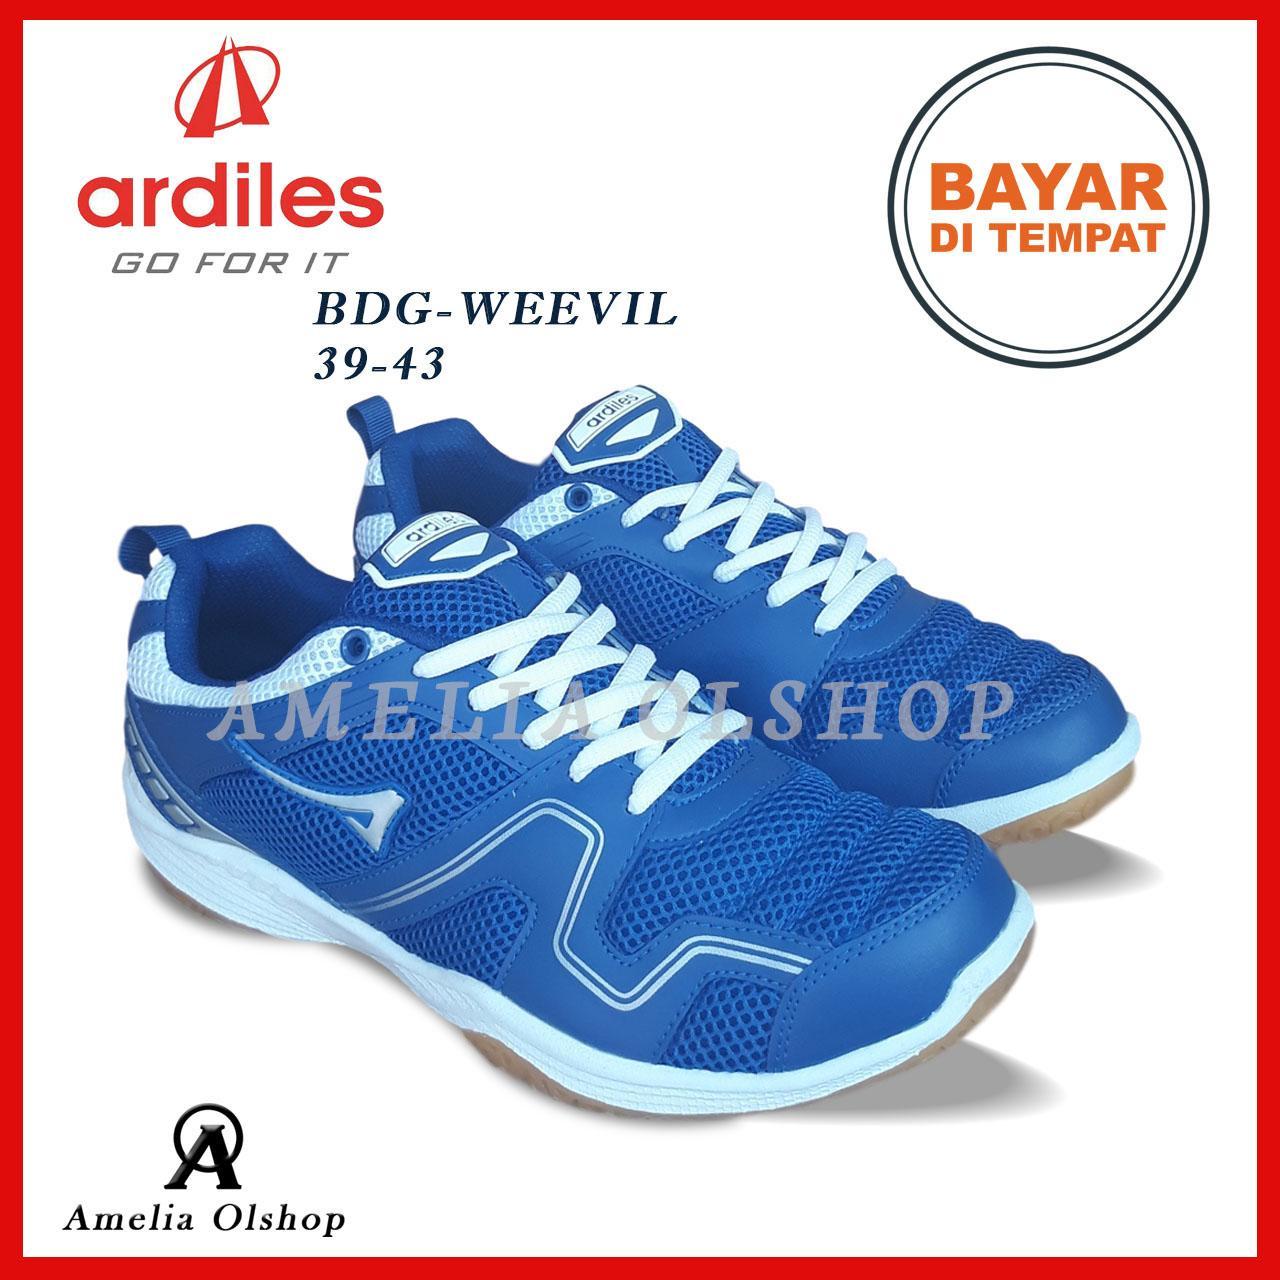 Amelia Olshop - Sepatu Ardiles BDG-WEEVIL 39-43 / Sepatu Pria / Sepatu Sport Pria / Sepatu Sneakers Pria / Sepatu Jogging Pria / Sepatu Olahraga Pria